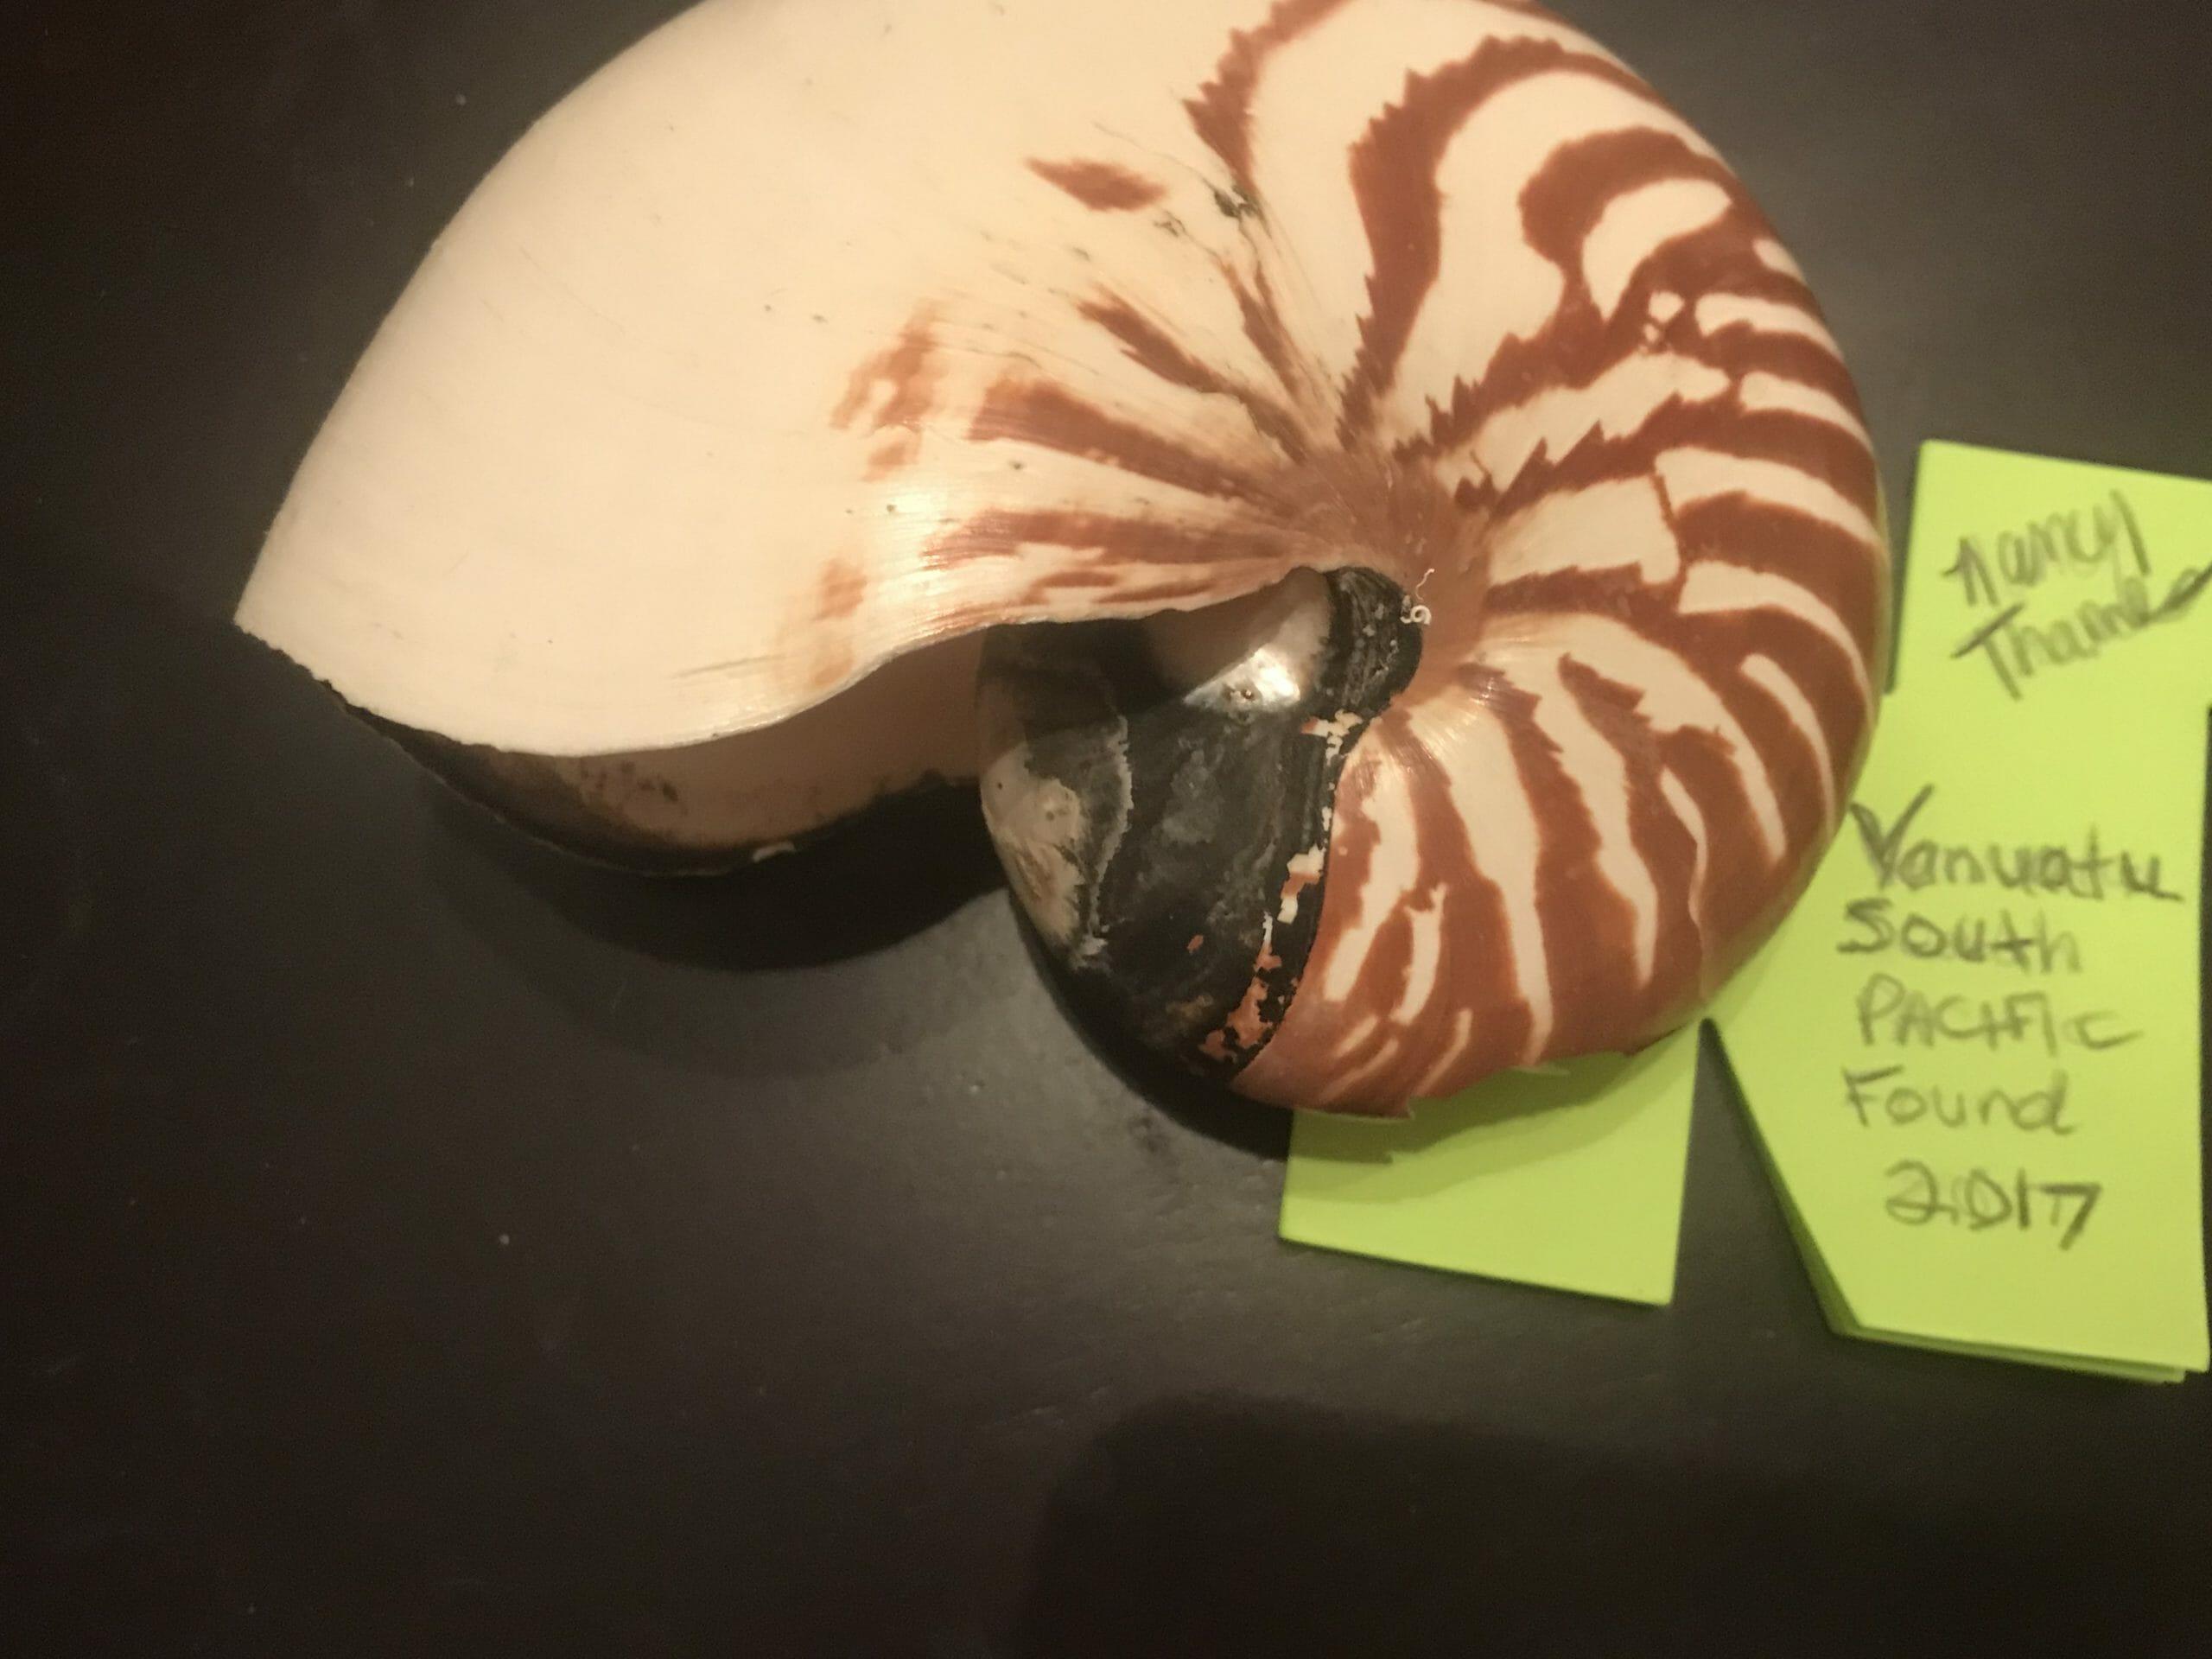 My Nautilus Shell found 2007 at Vanuatu